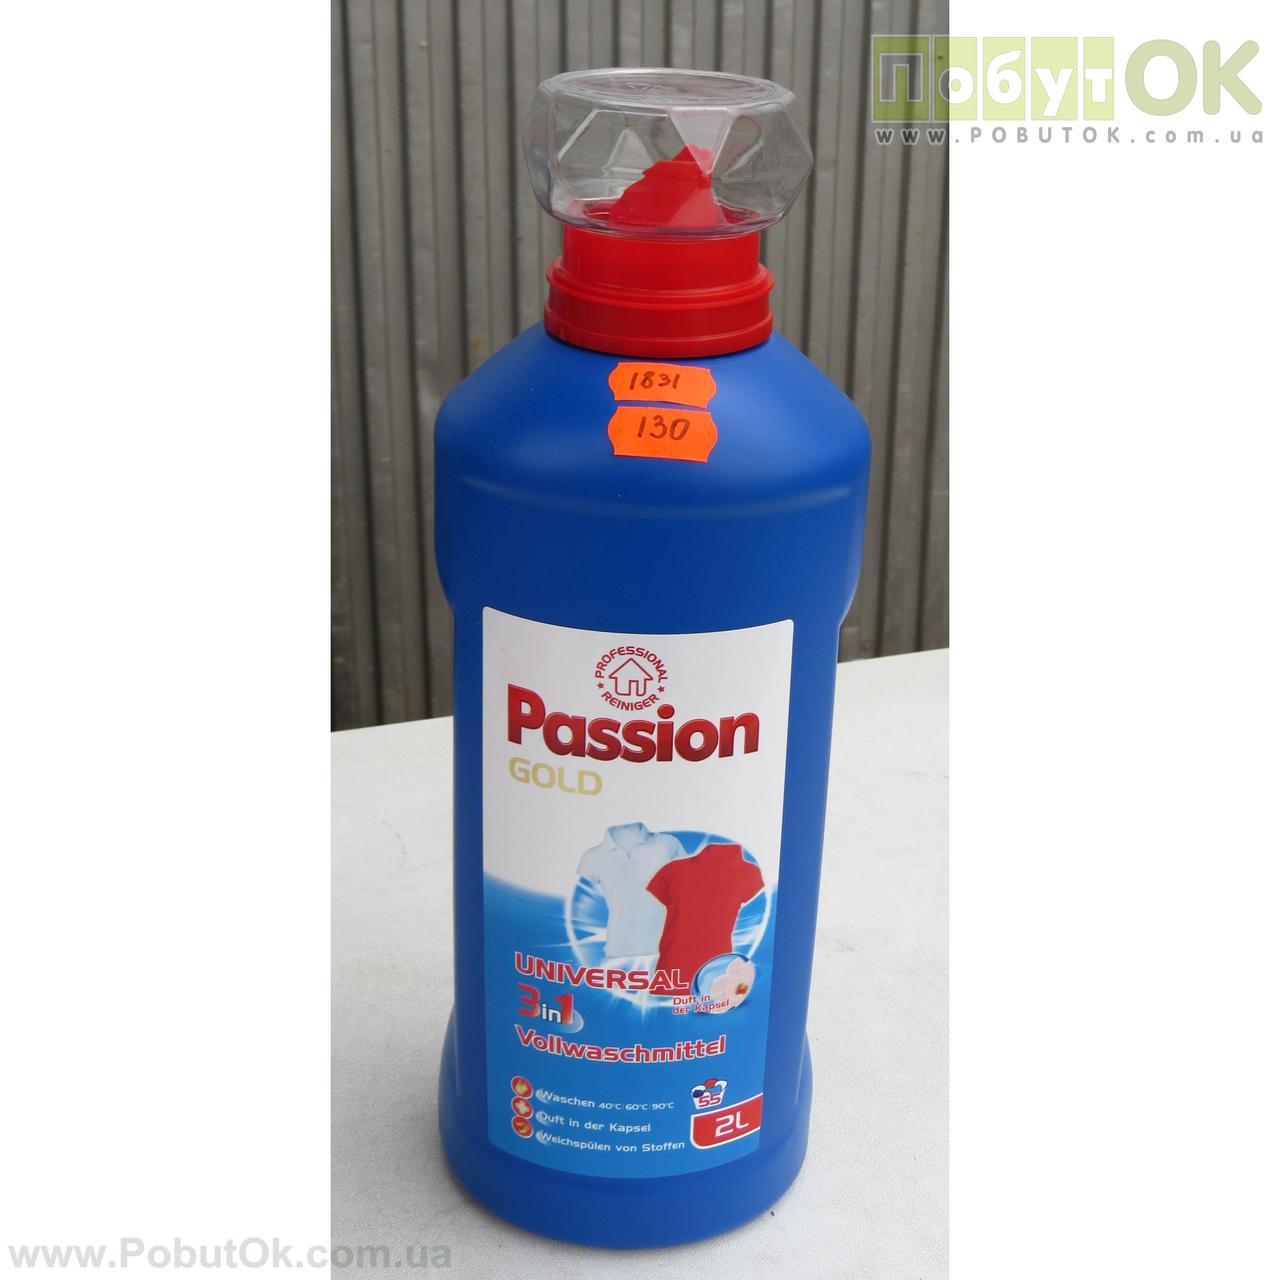 Жидкий Стиральный Порошок 2л Passion Gold 3in1 Универсальный (Код:1831)